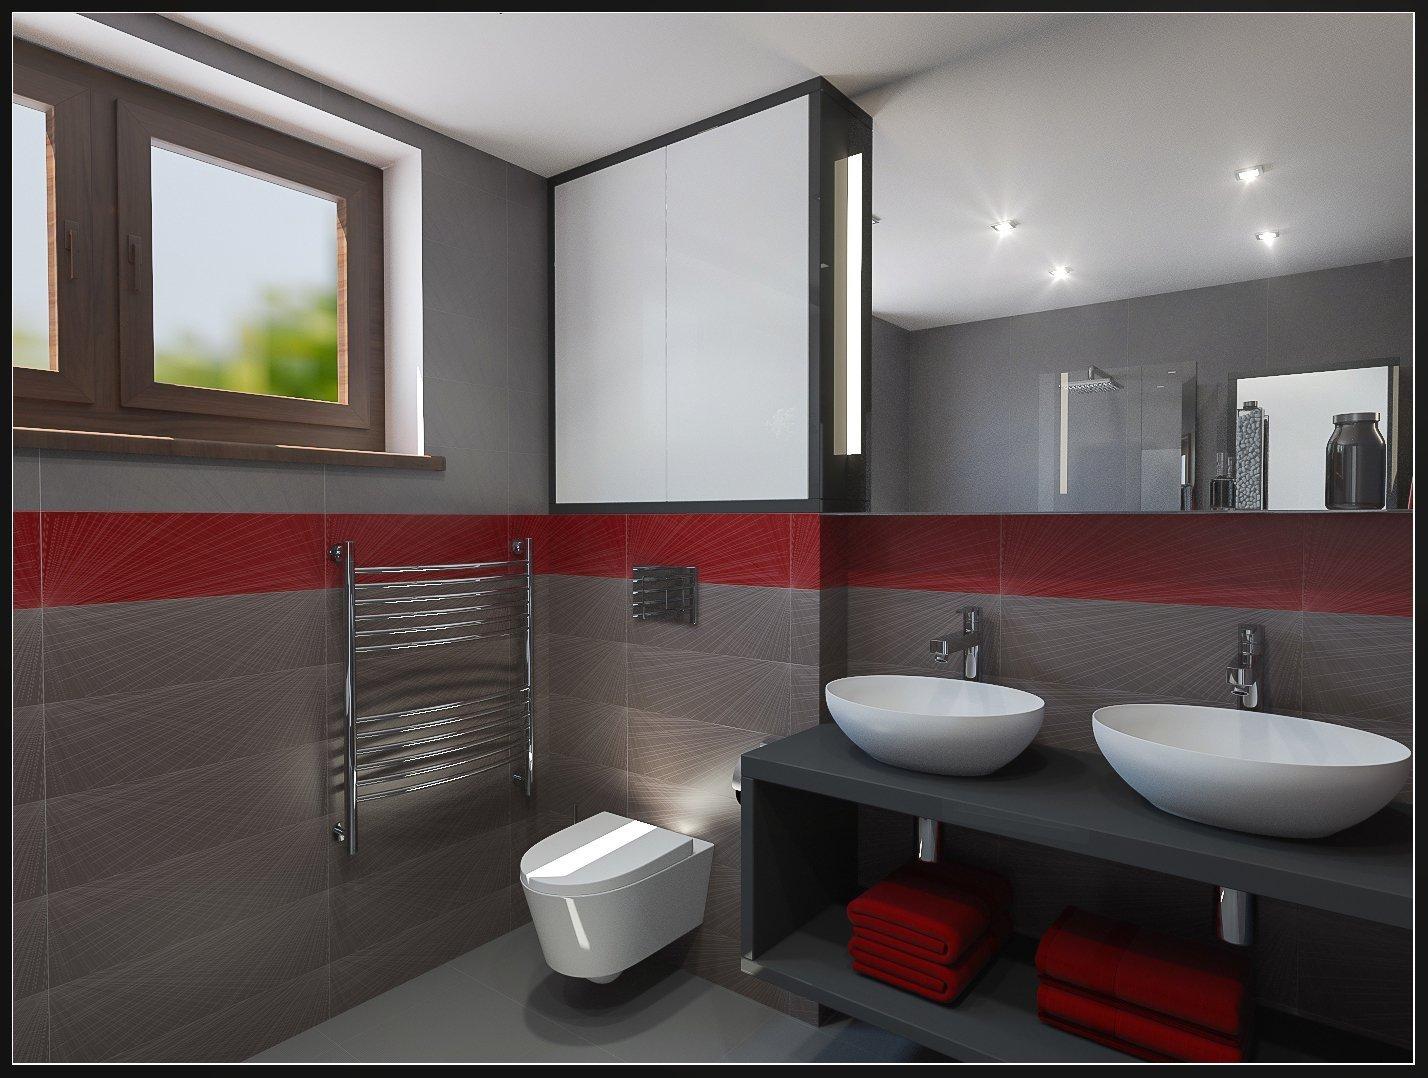 Koupelna je celá obložená šedou velkoformátovou dlažbou, která přispívá k elegantnímu vzhledu i ke snadnému udržování čistoty.